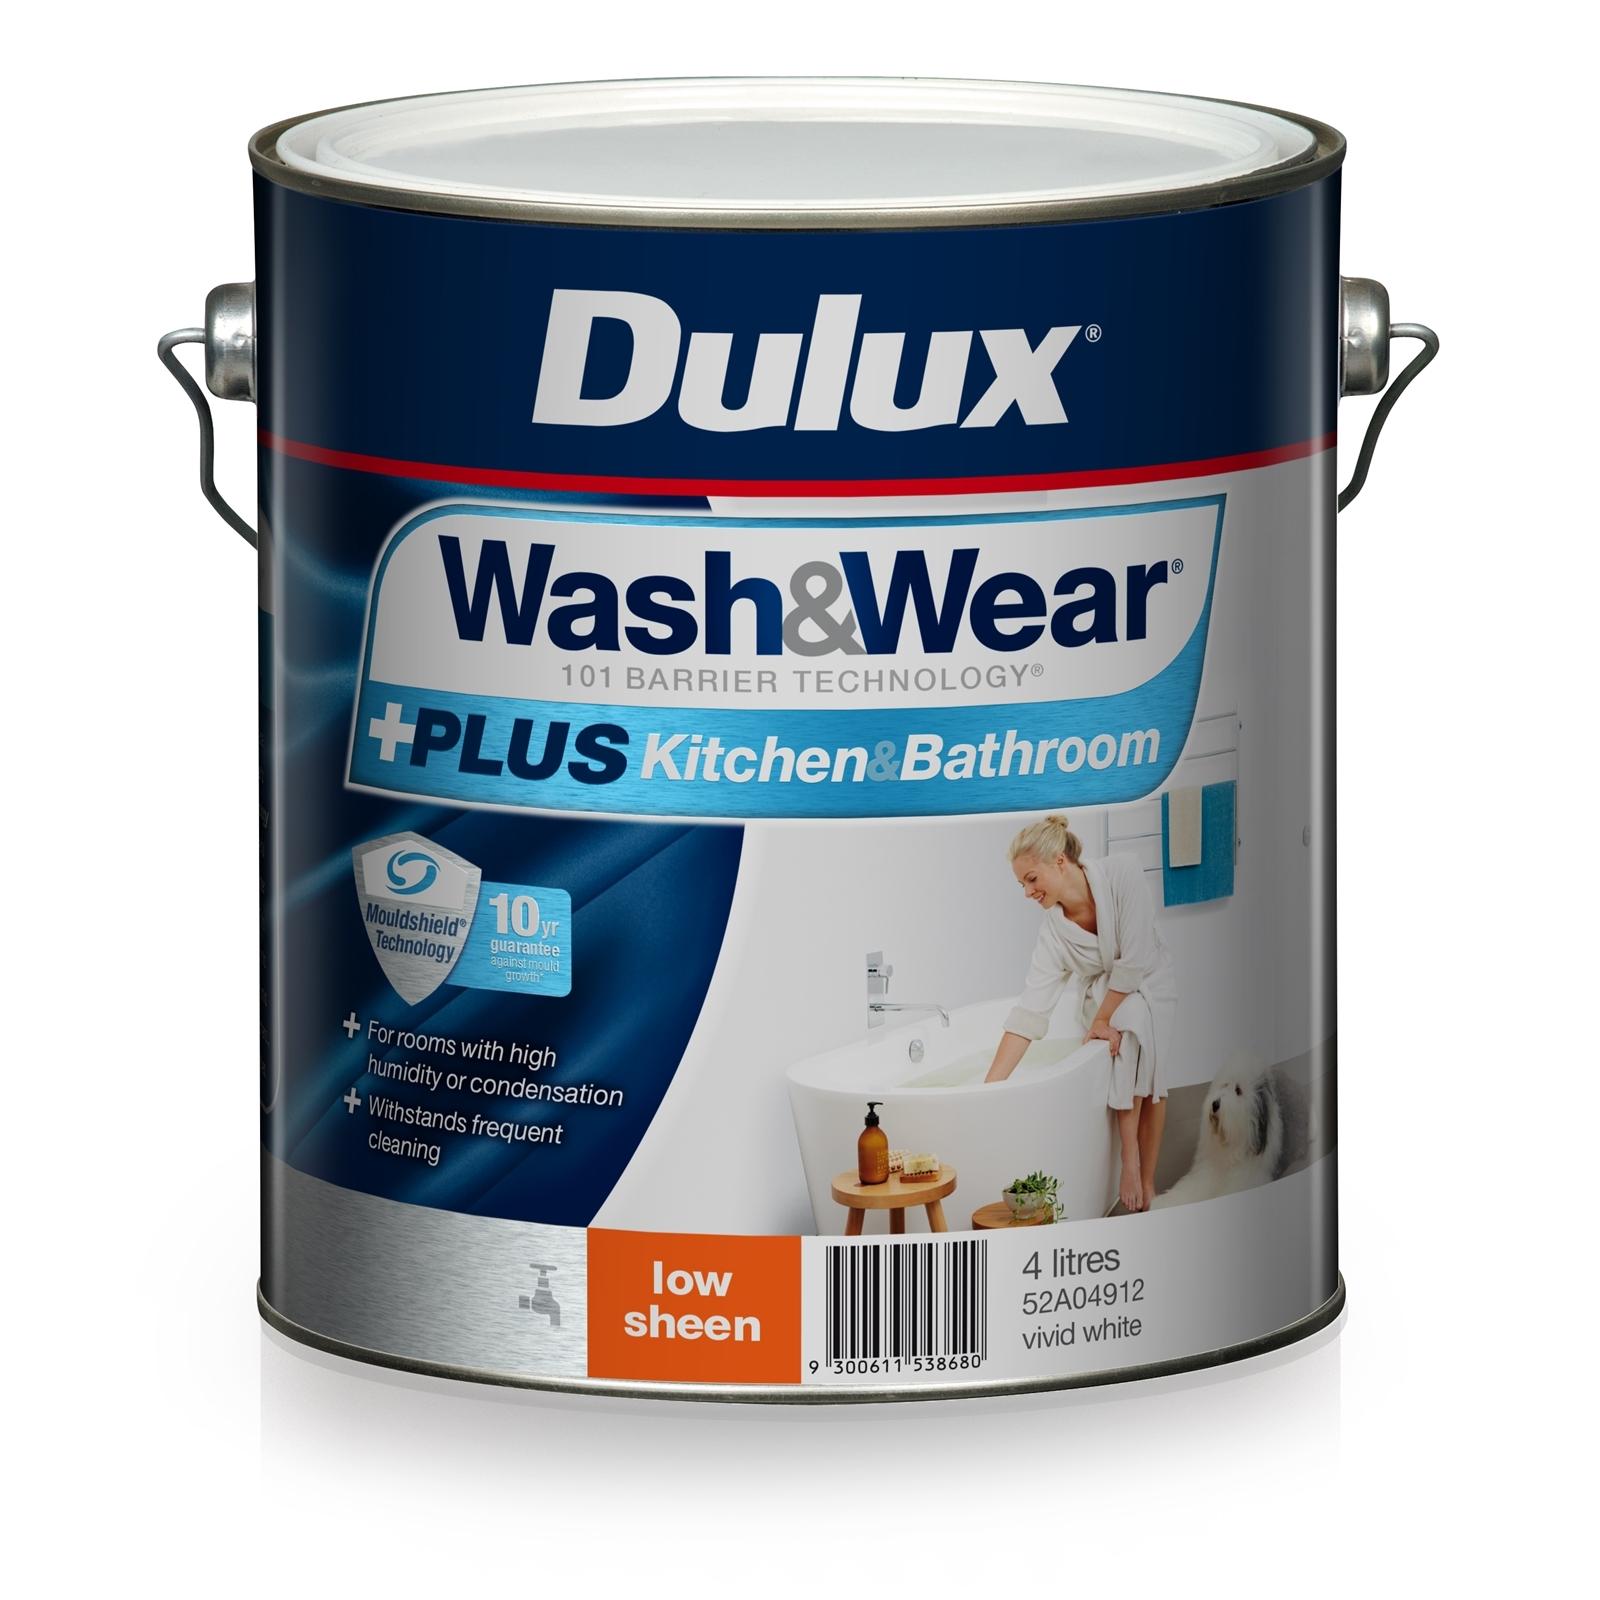 Dulux 4L Interior Paint Wash&Wear +PLUS Kitchen & Bathroom Low Sheen Vivid White